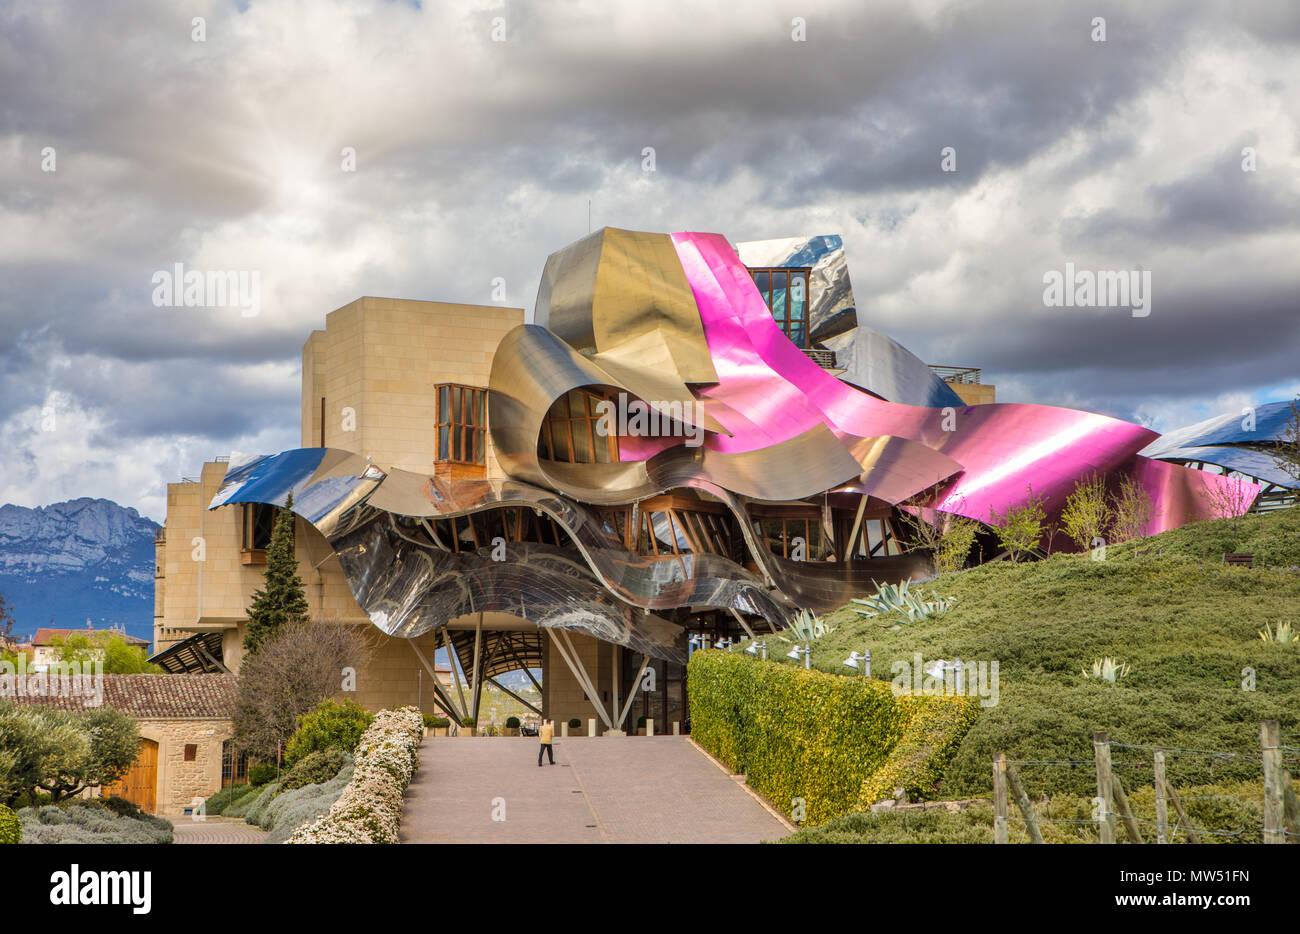 El ciego ciudad arquitecto frank gehry la rioja provincia de logro o el hotel marques de - Arquitecto bodegas marques de riscal ...